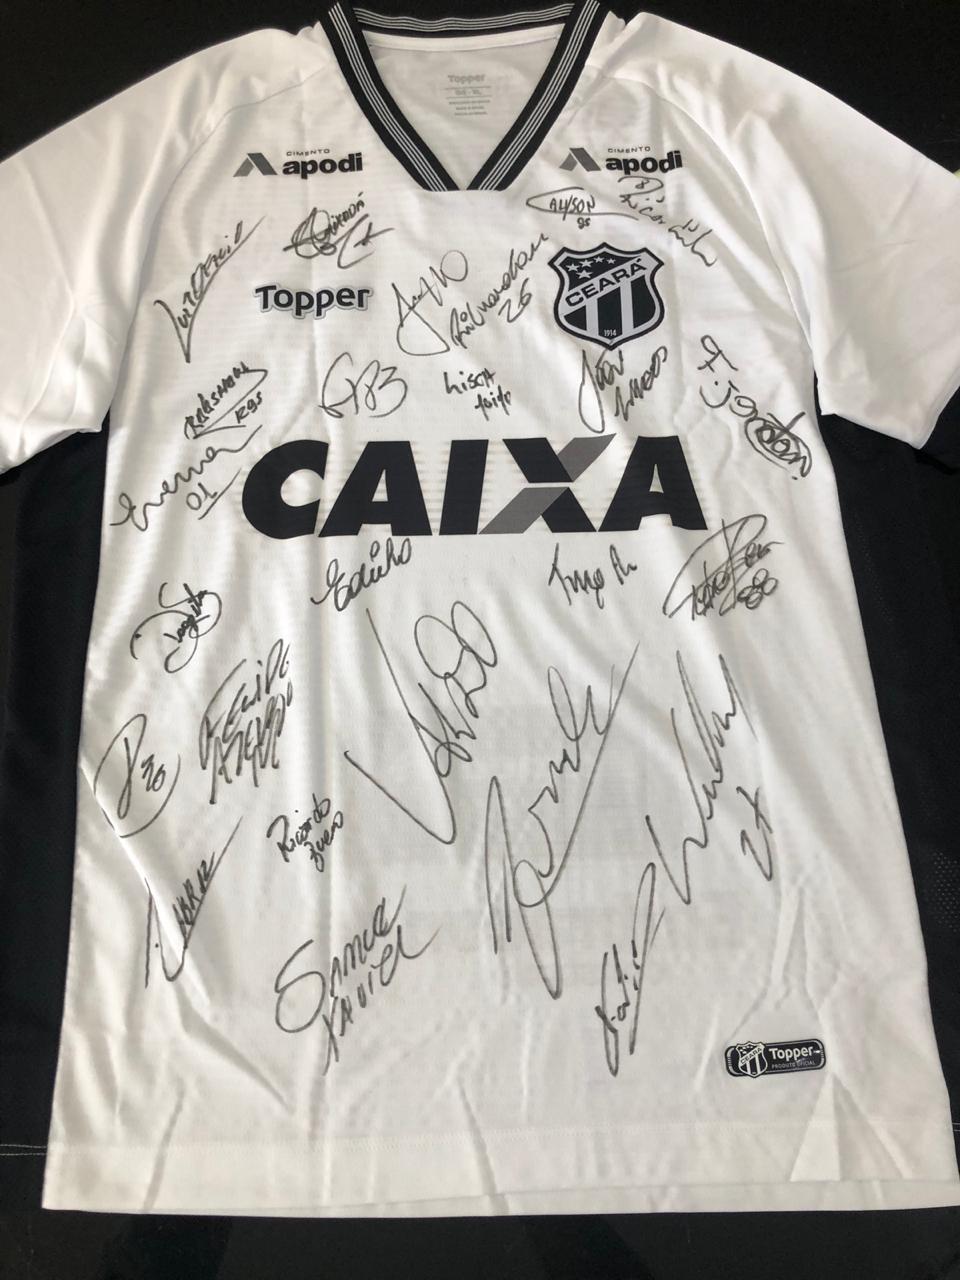 d10a8445c3 Camisa autografada do Ceará será leiloada no  Amigos em Ação